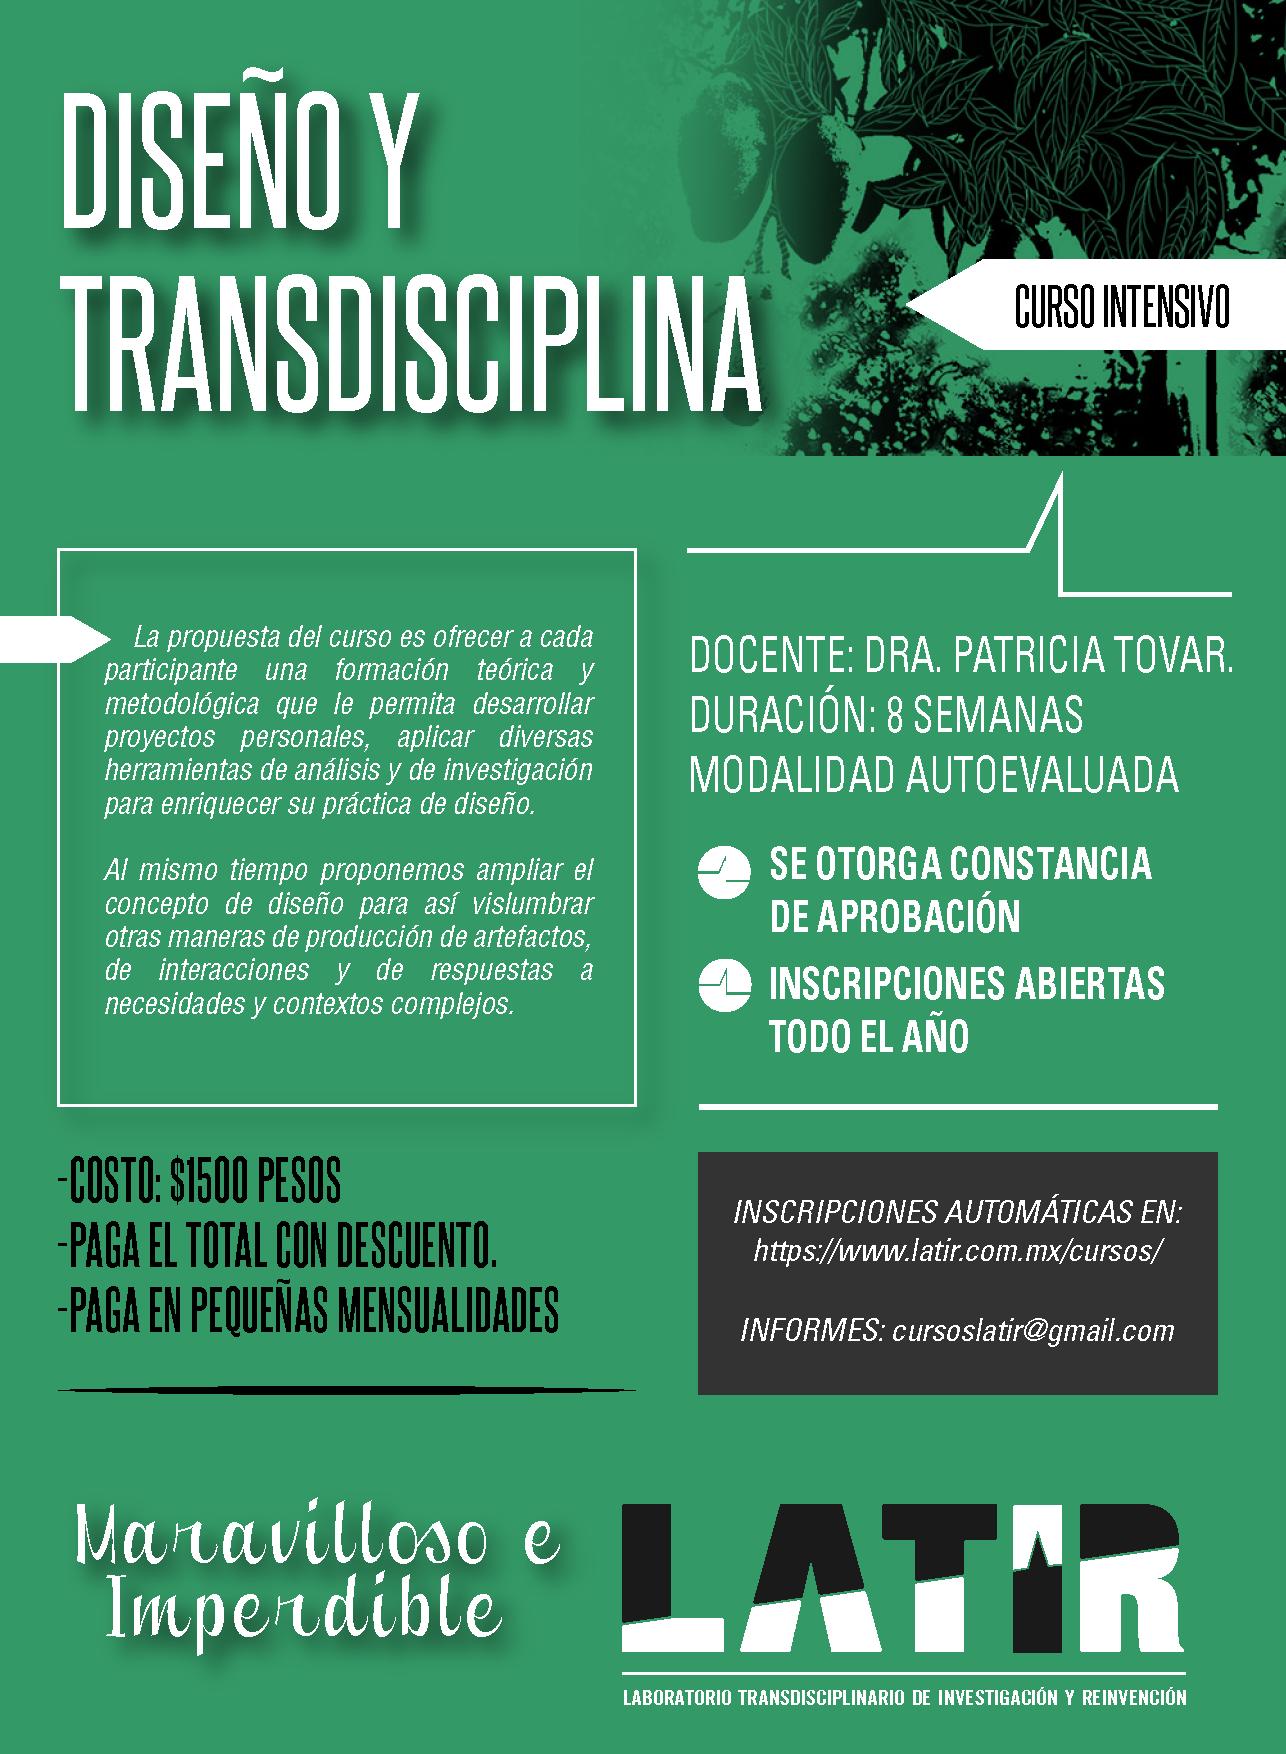 Diseño y Transdisciplina